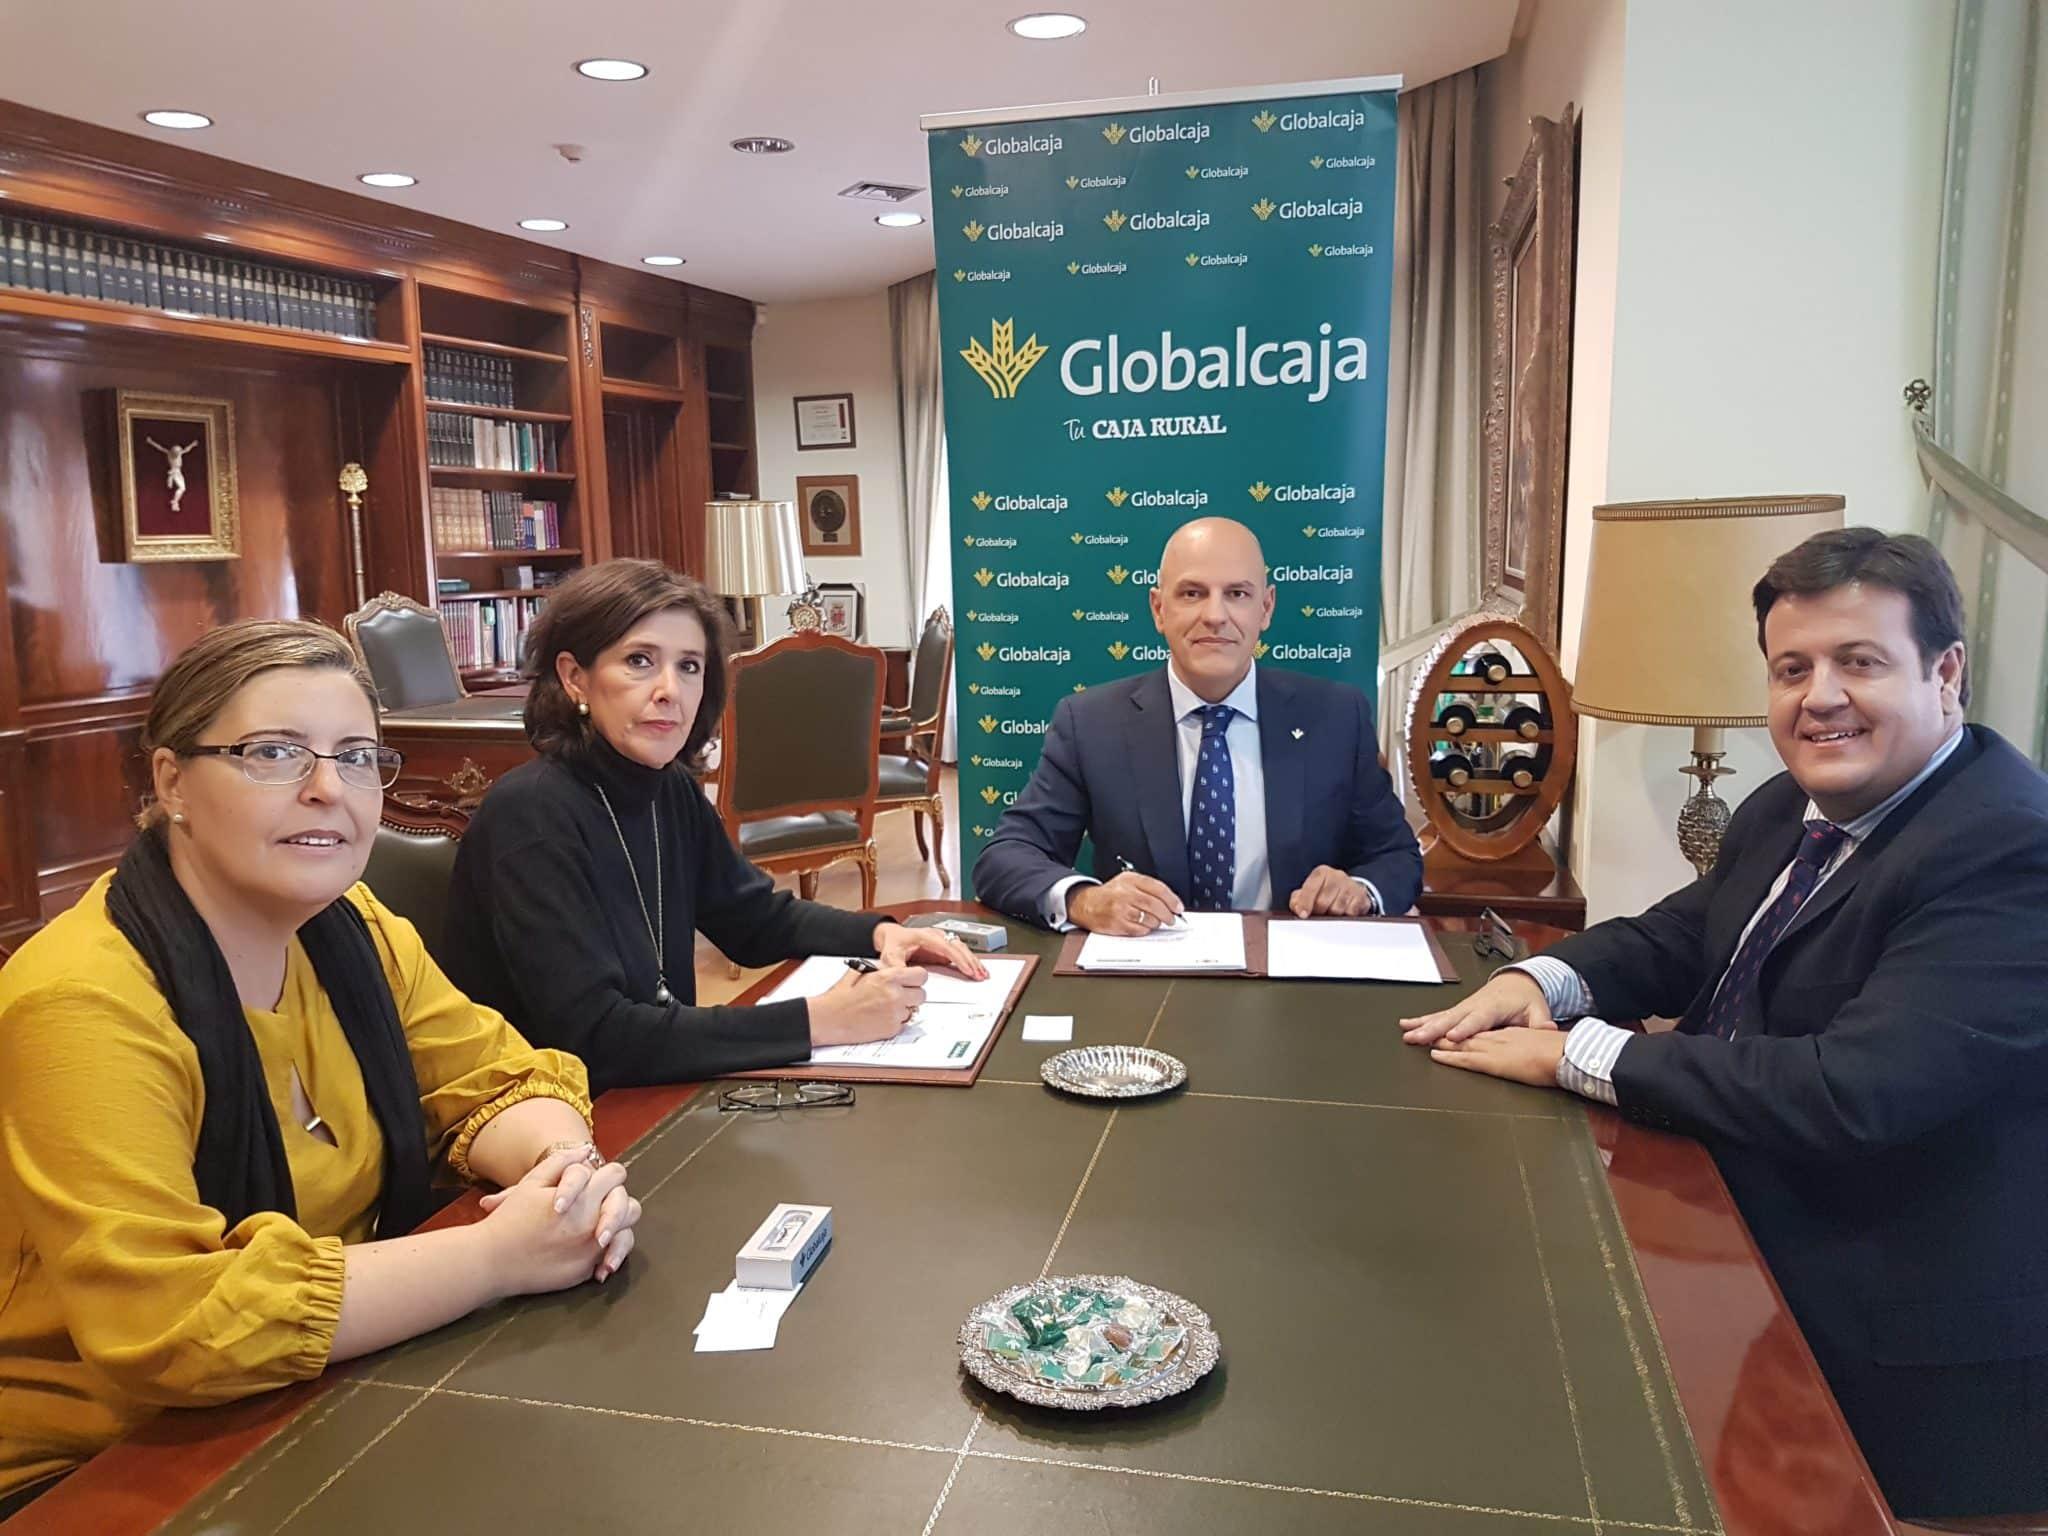 https://blog.globalcaja.es/wp-content/uploads/2017/12/globalcaja-convenio-graduados-sociales-CR.jpg